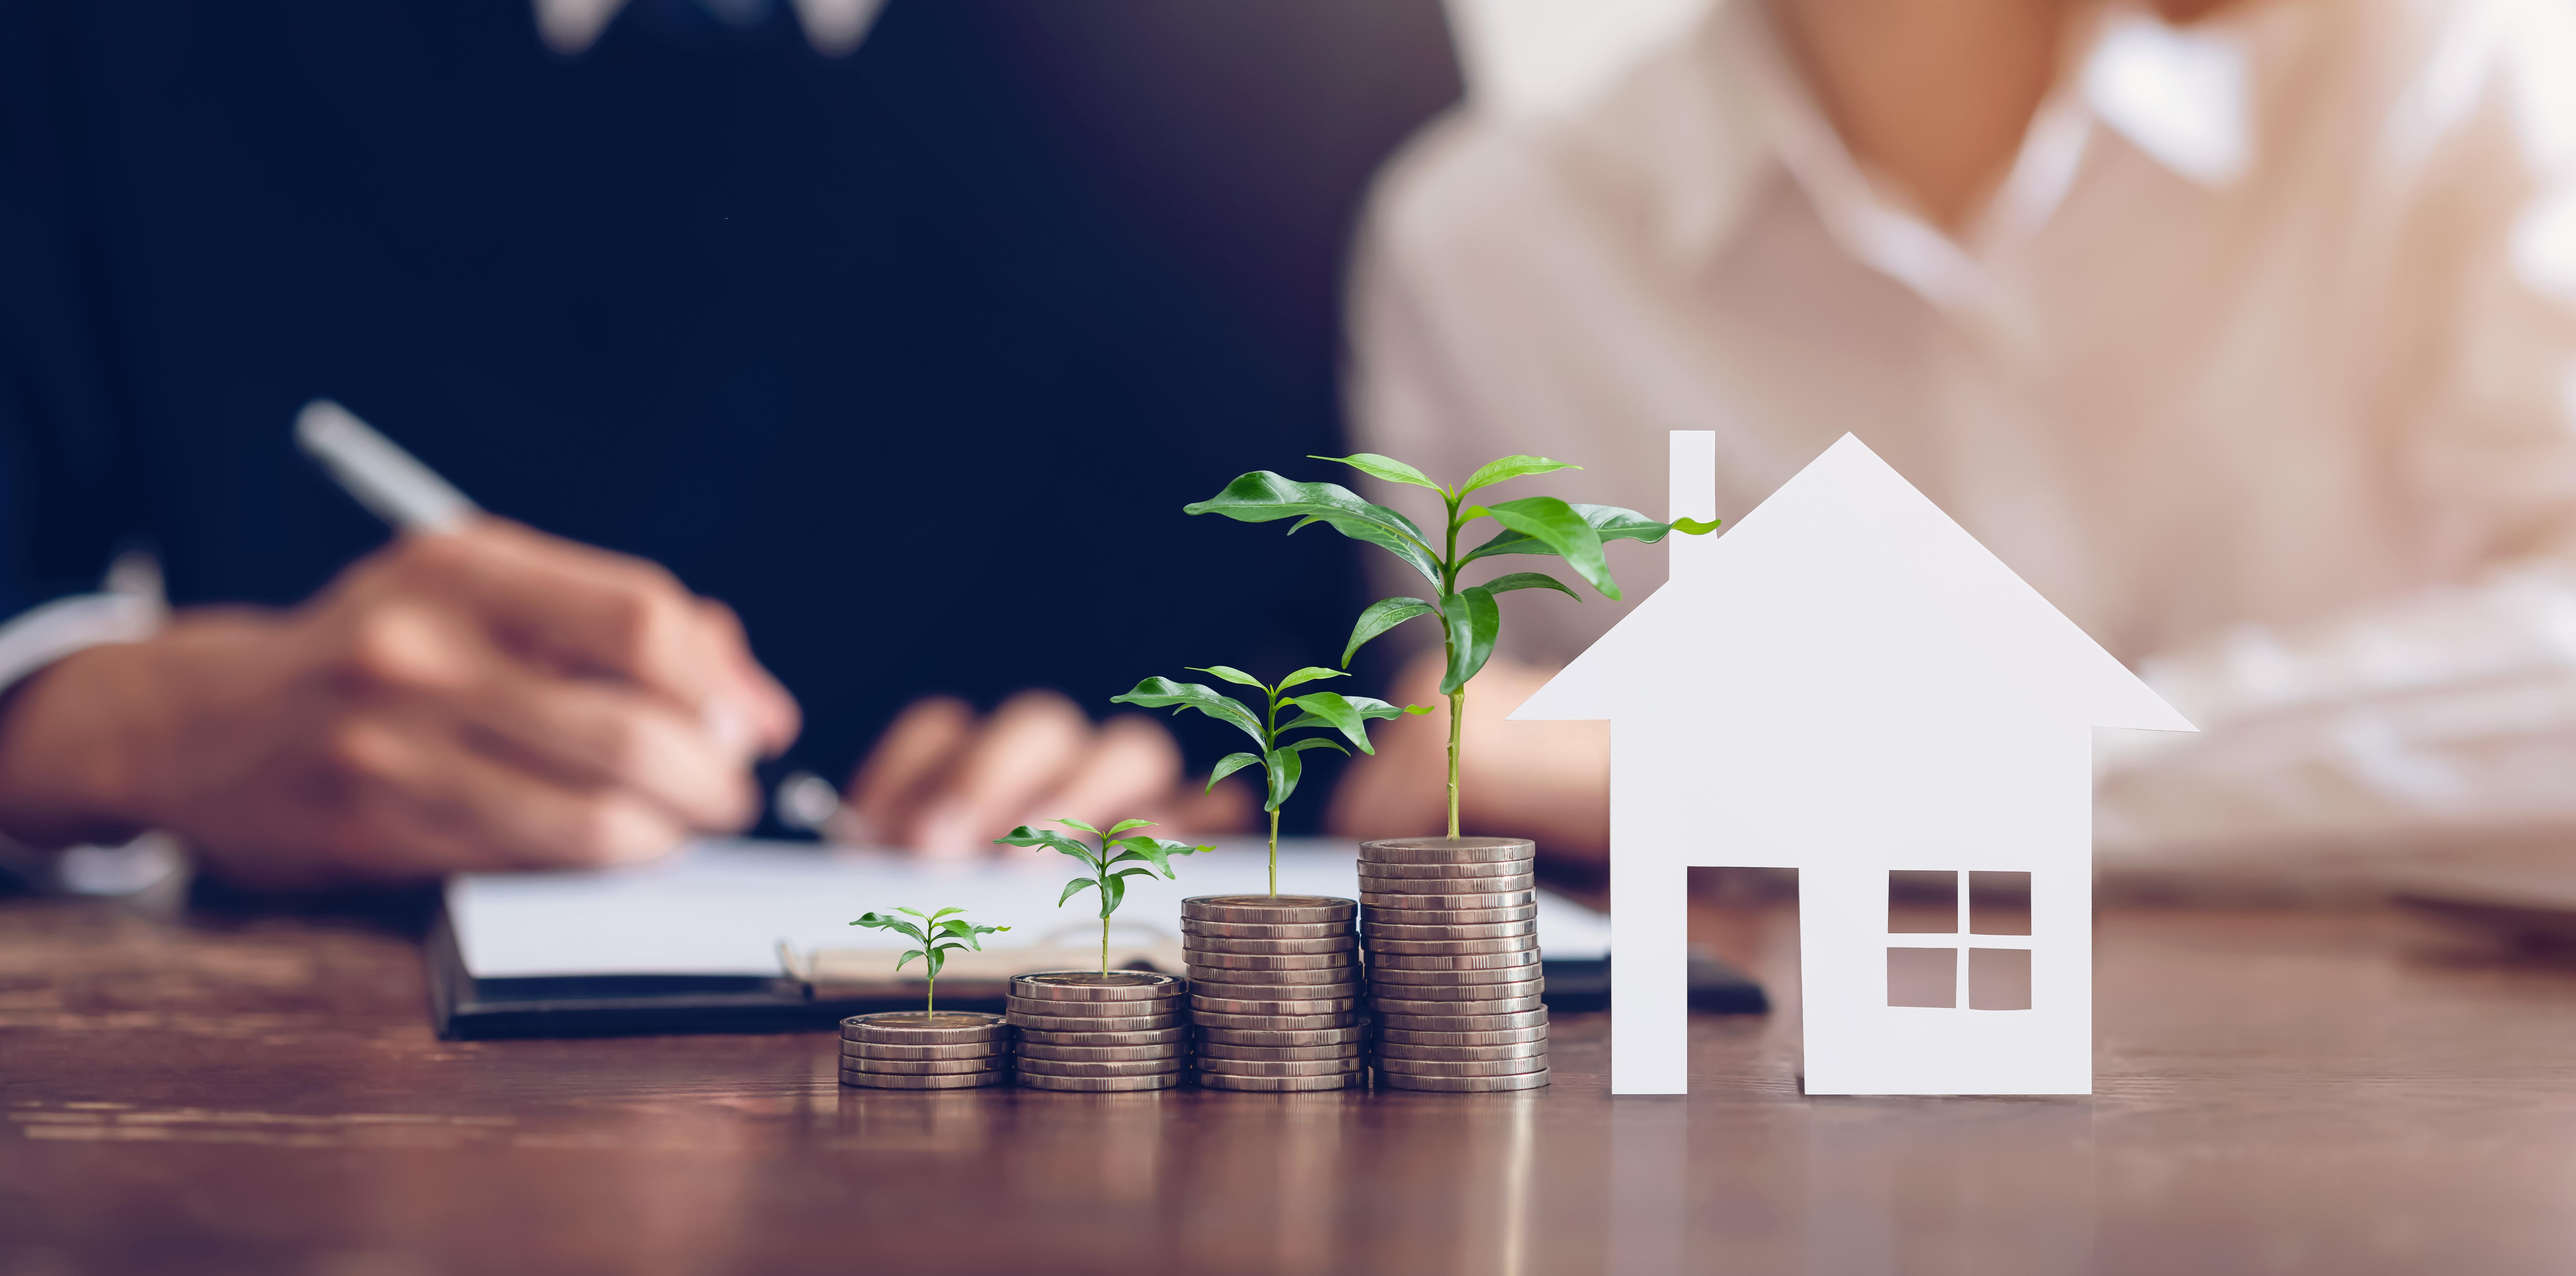 Risparmio del 50% sulle ristrutturazioni edilizie rimborsato attraverso la detrazione